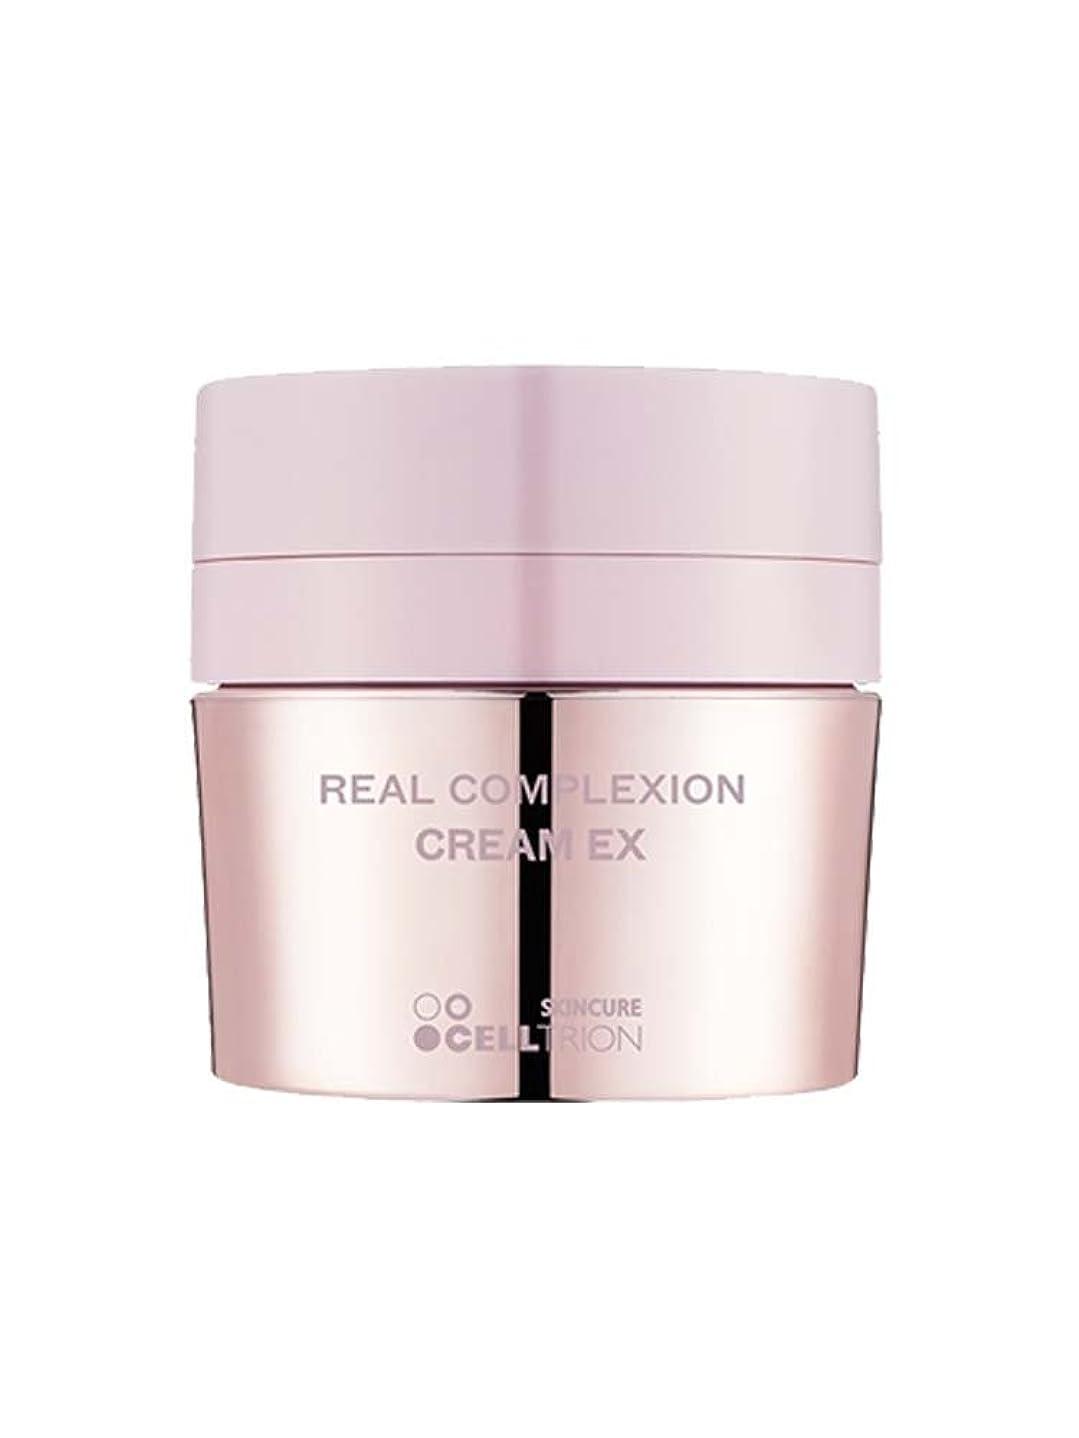 ネストシャイニング寝室HANSKIN Real Complexion cream EX 50ml/ハンスキン リアル コンプレクション クリーム EX 50ml [並行輸入品]